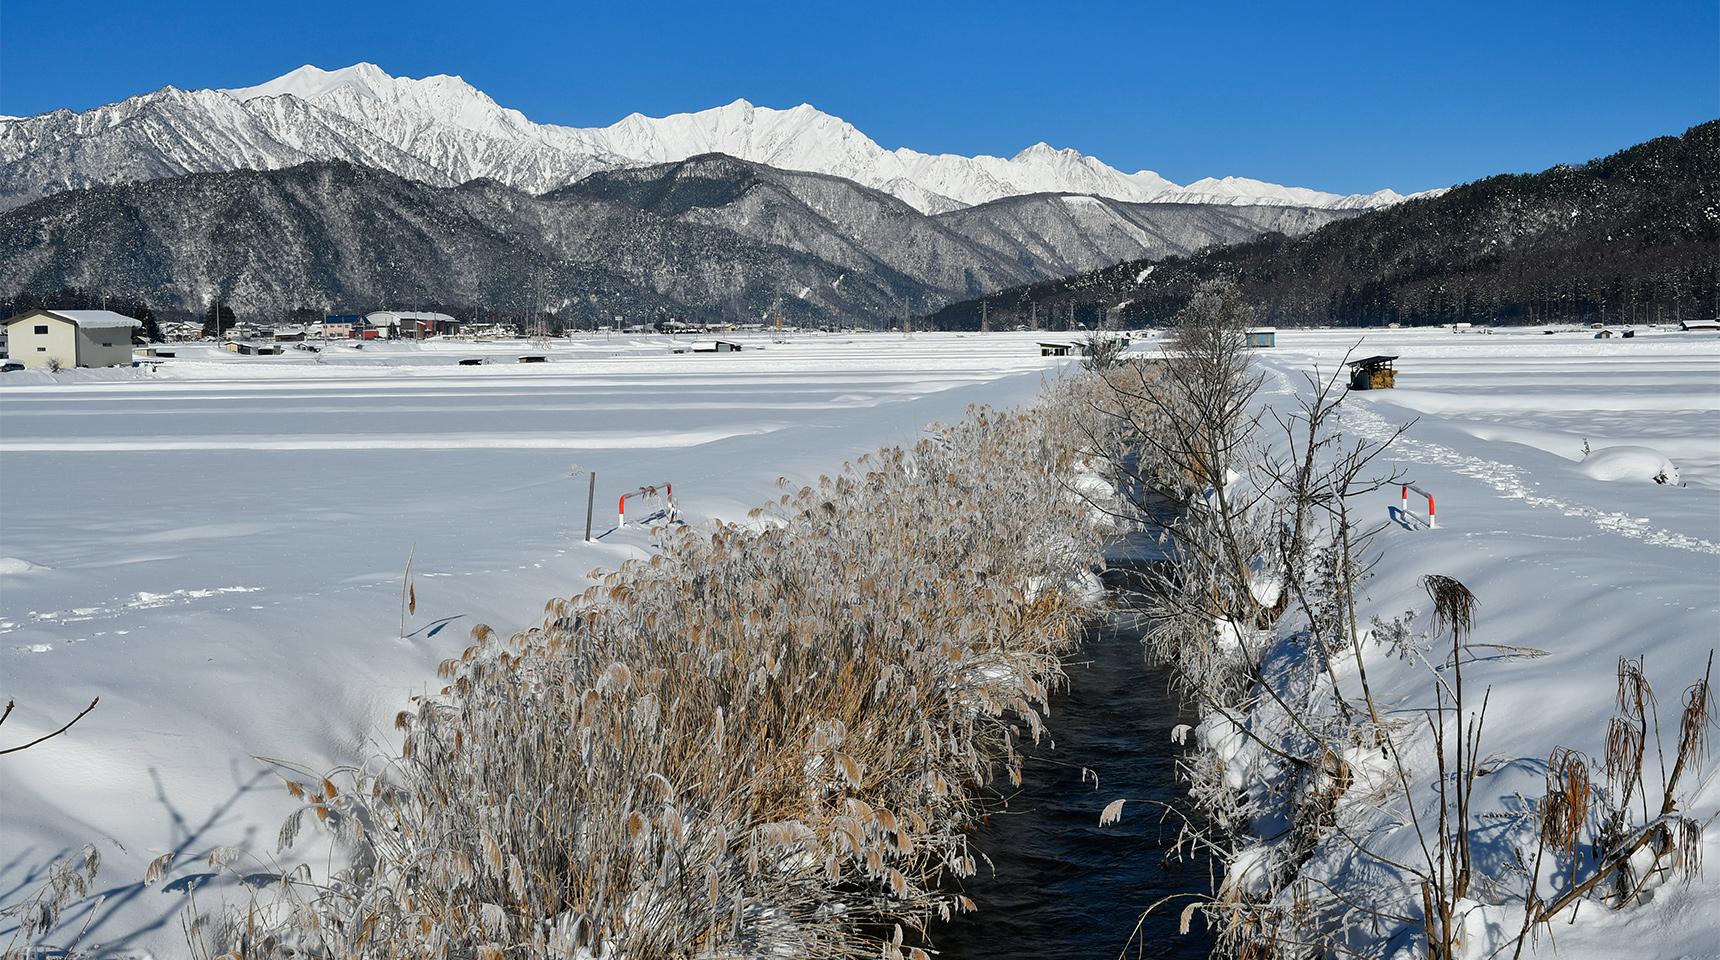 スライド 204 冬の農具川と北アルプス 大町市